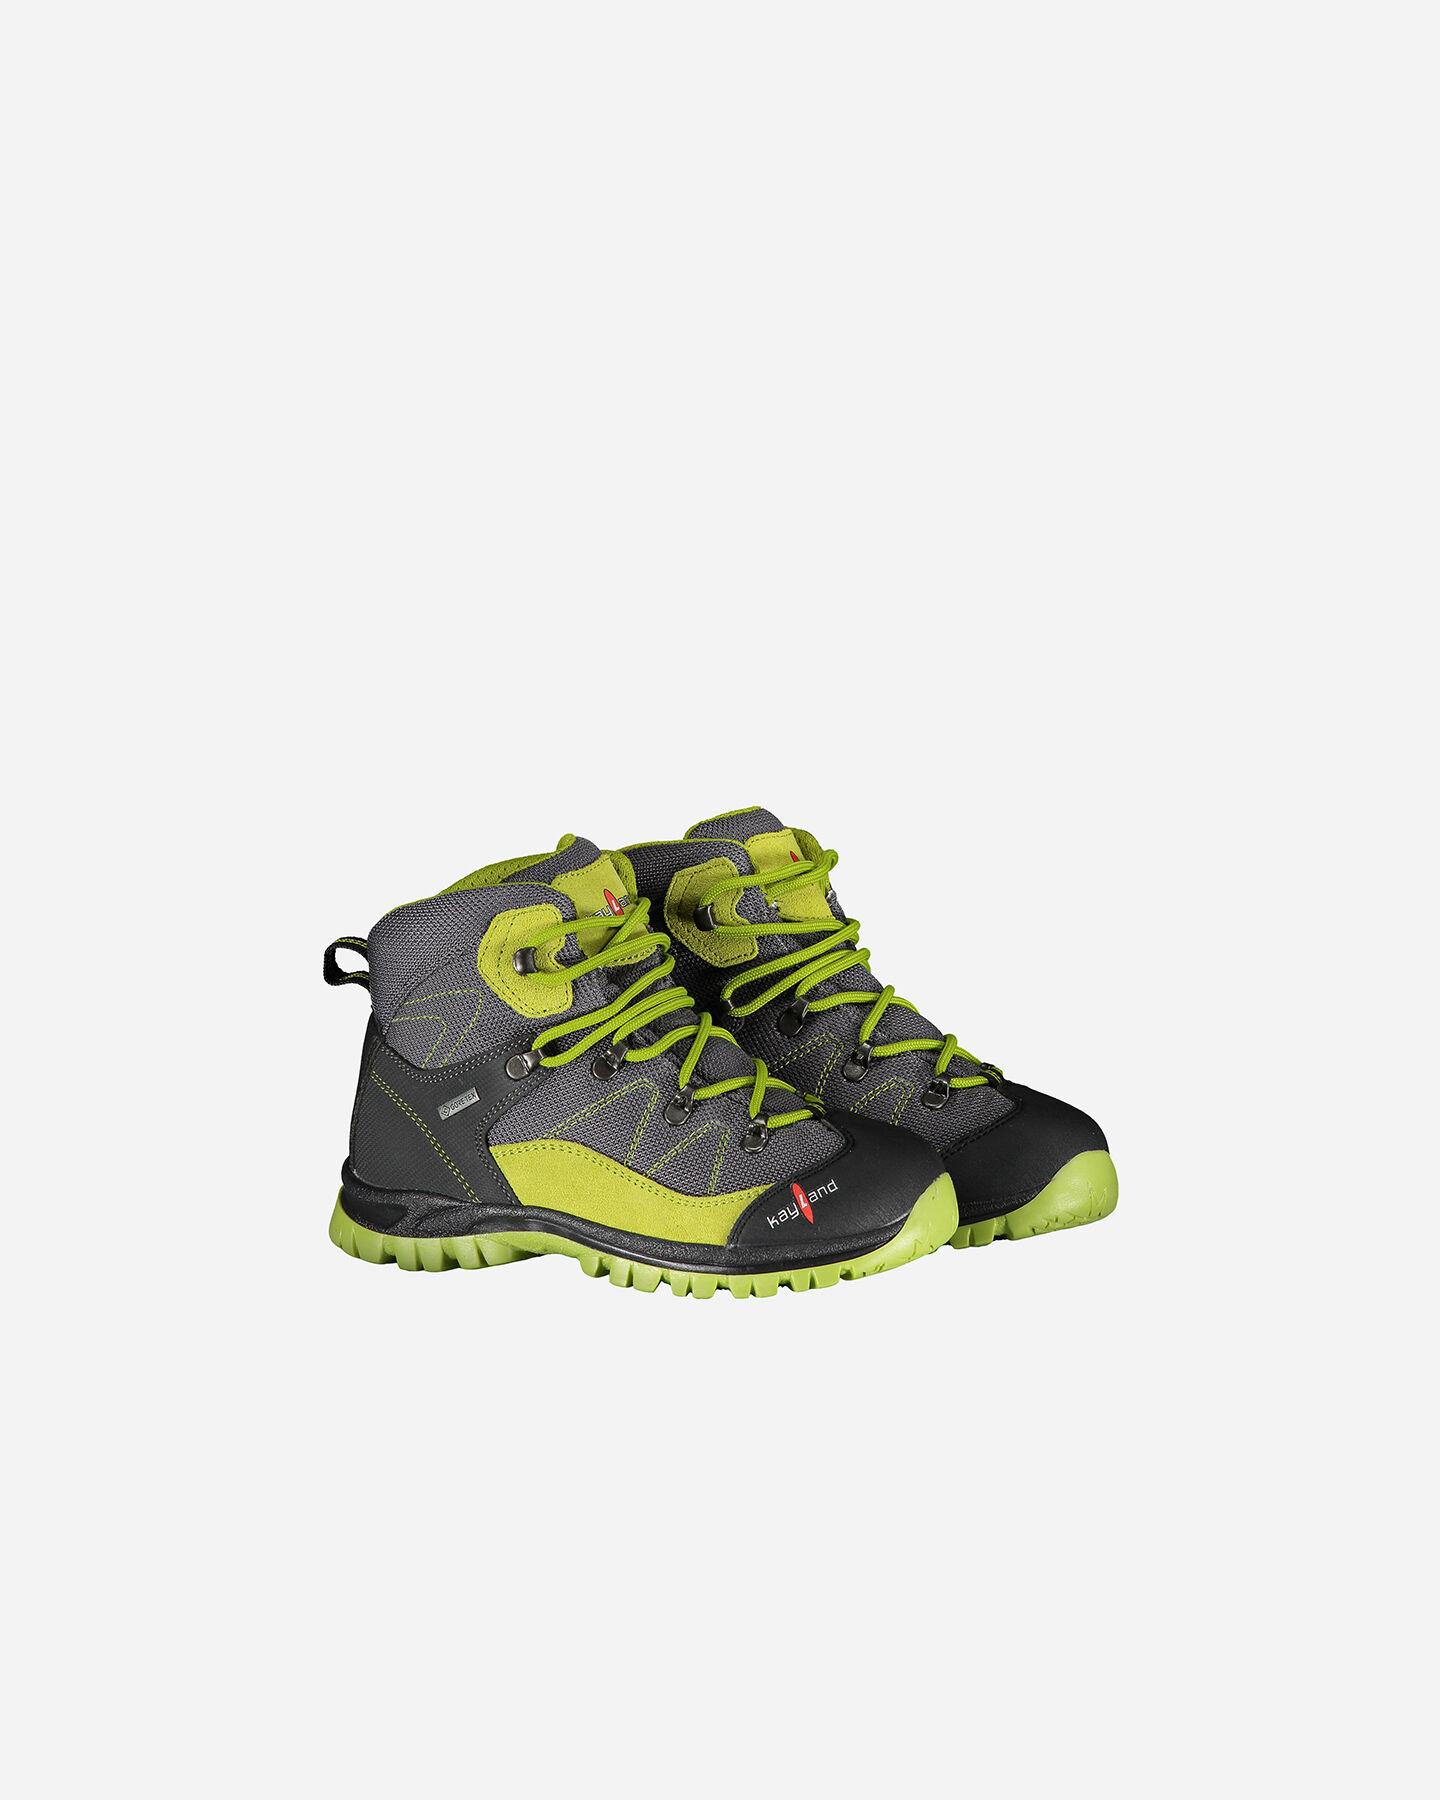 Scarpe escursionismo KAYLAND COBRA KID GTX JR S4089095 scatto 1